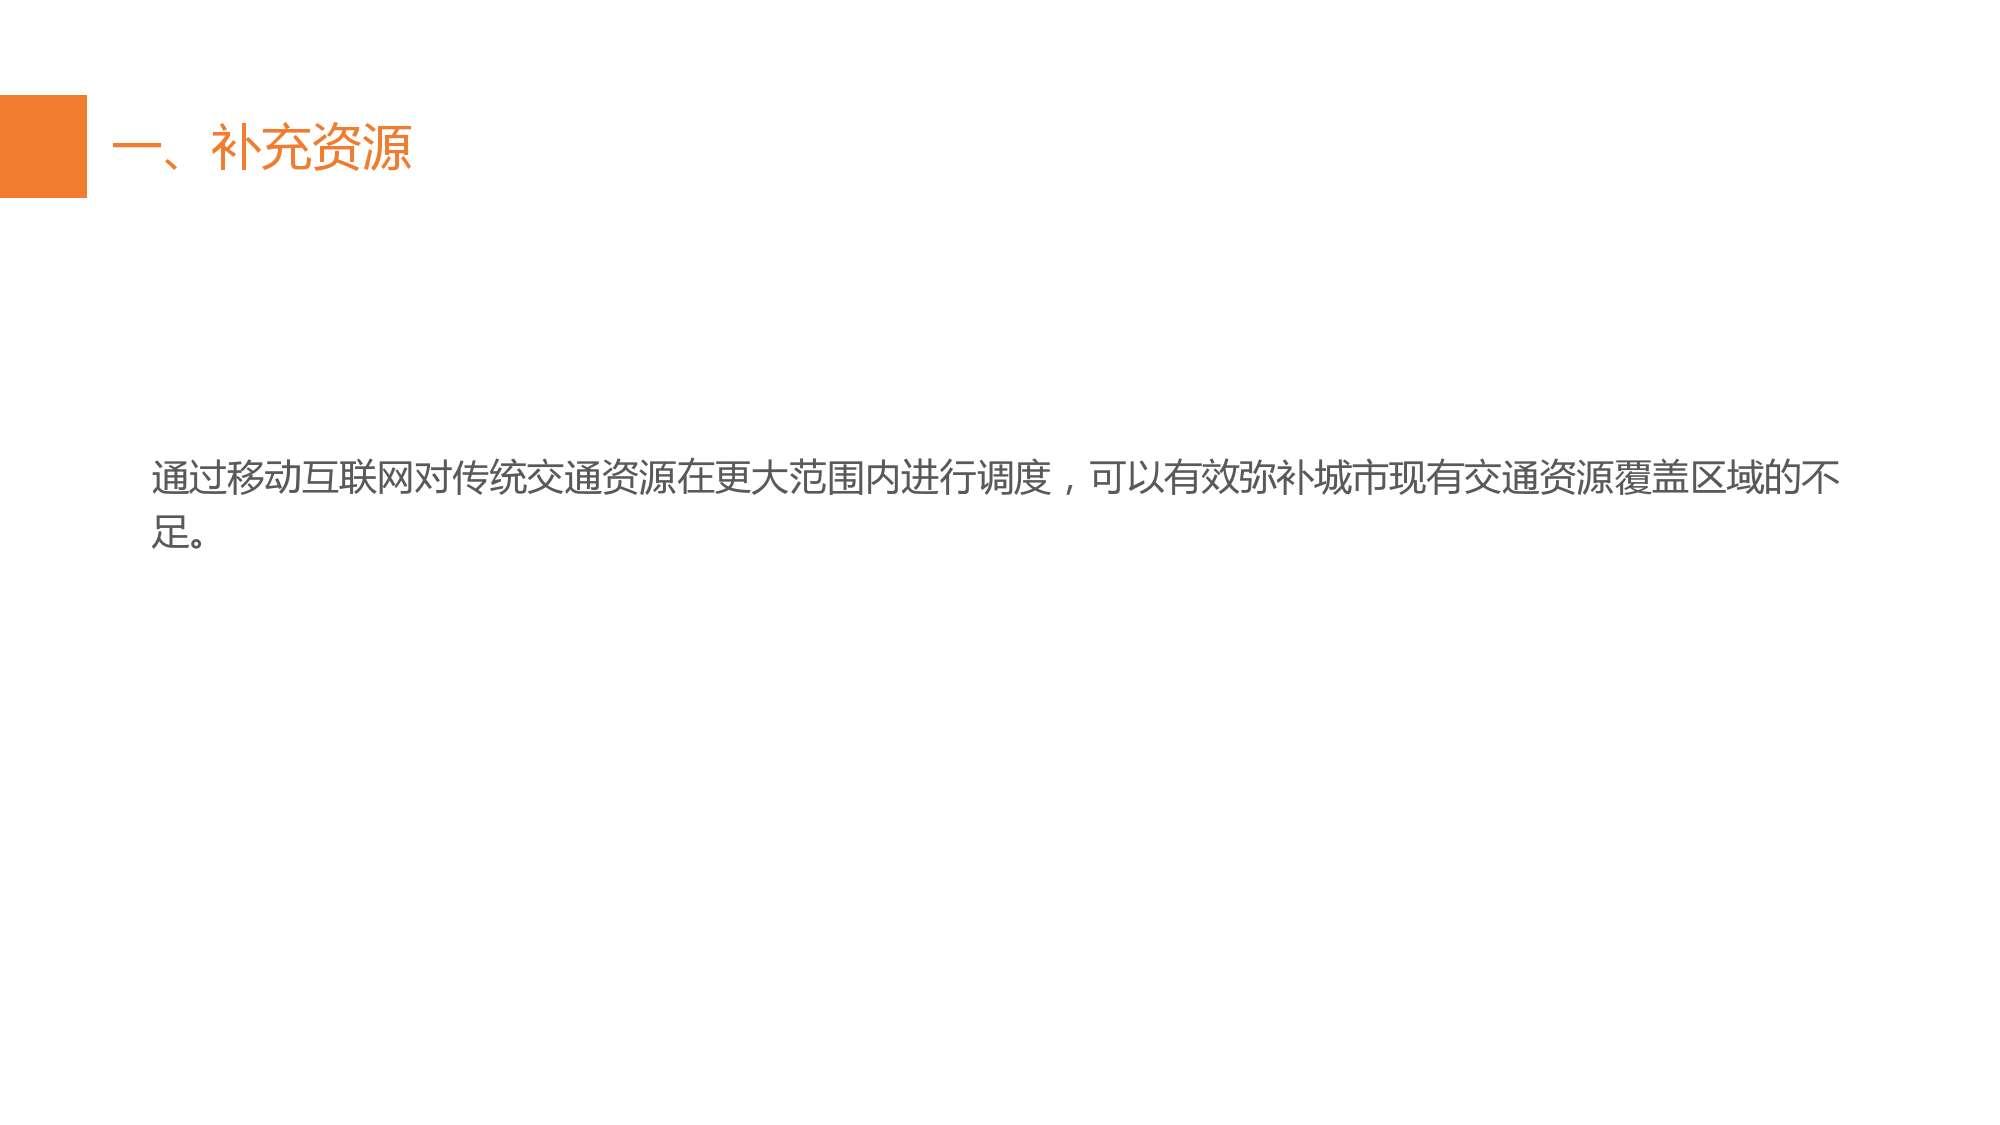 中国智能出行2015大数据报告_000033